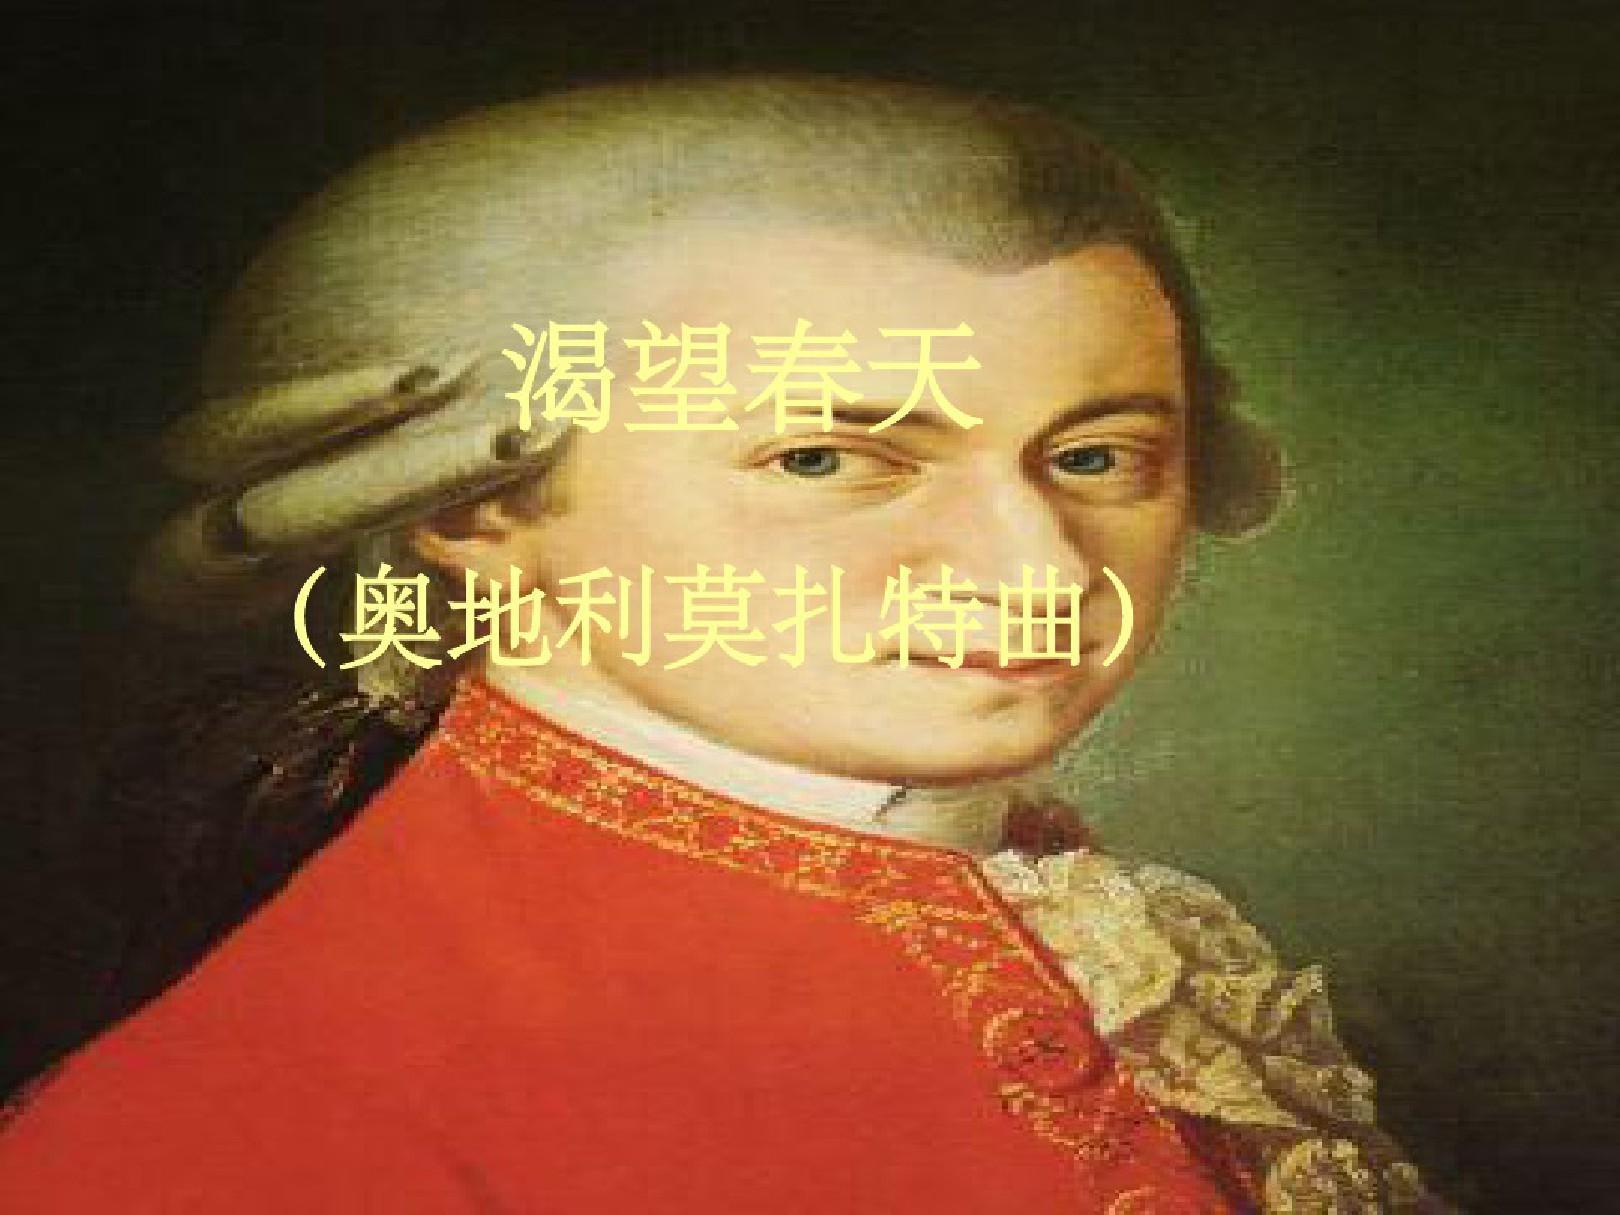 湘教版音乐五年级下册《渴望春天》1完整